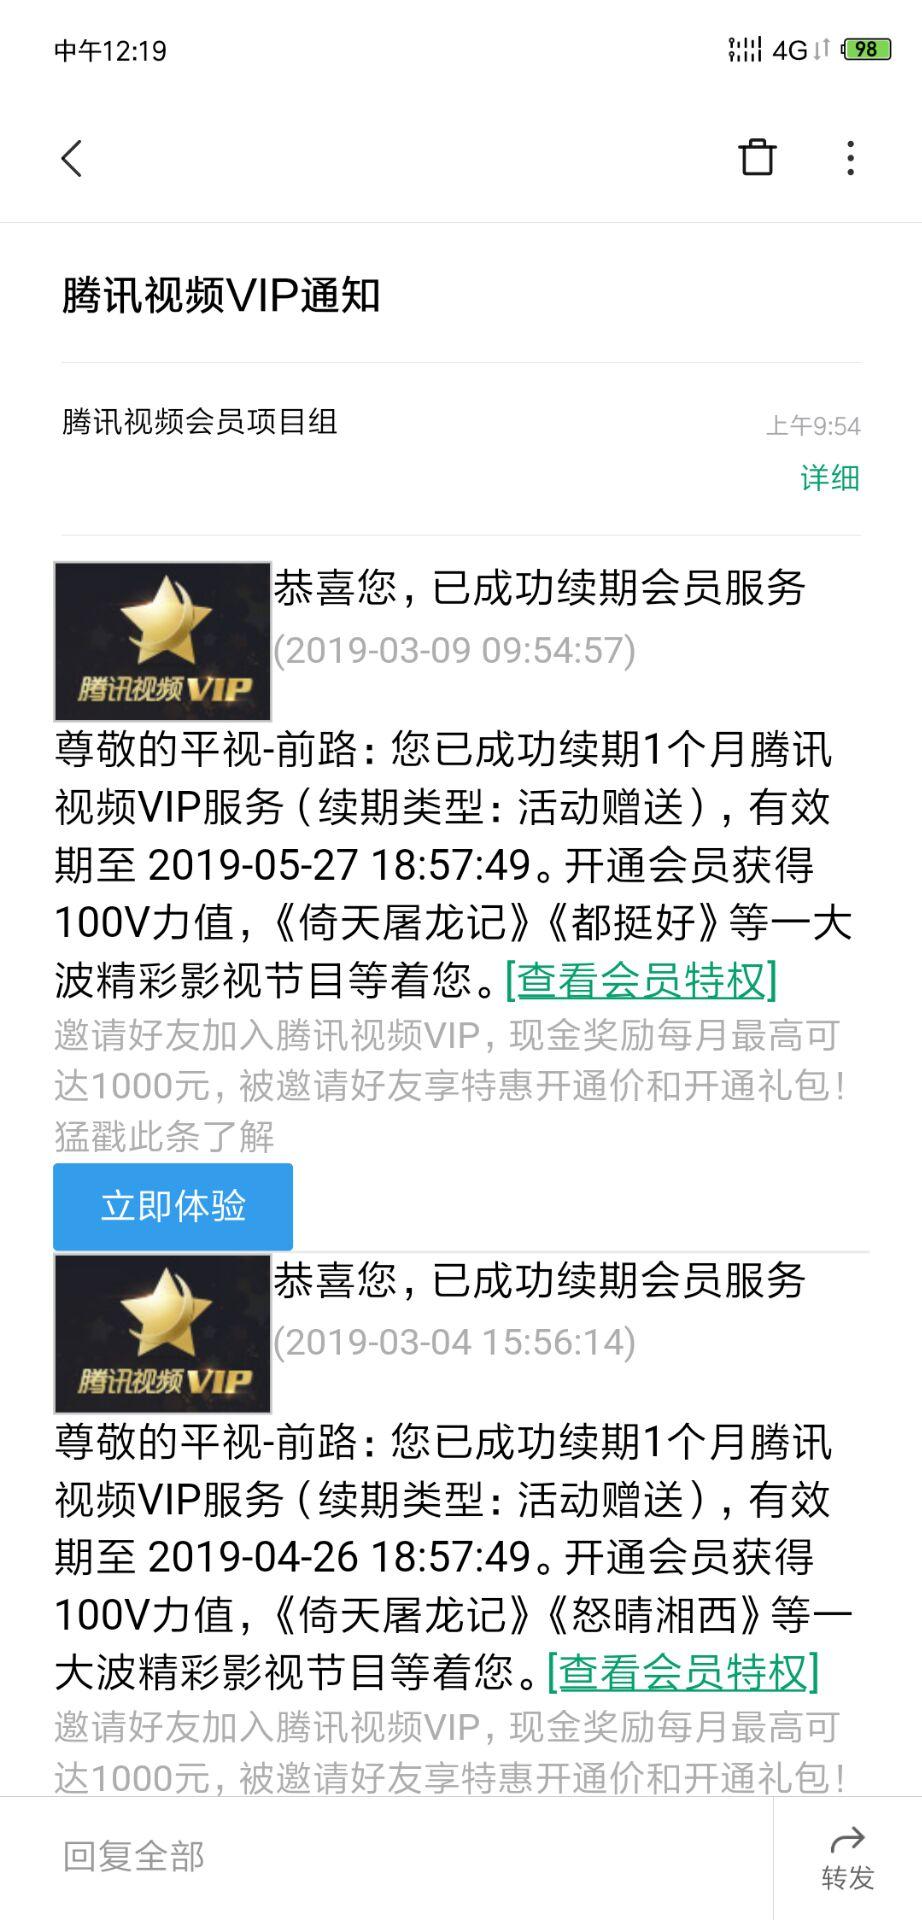 开通超级会员赠送1个月腾讯视频VIP 仅需20元每人限1次 QQ资讯 第2张